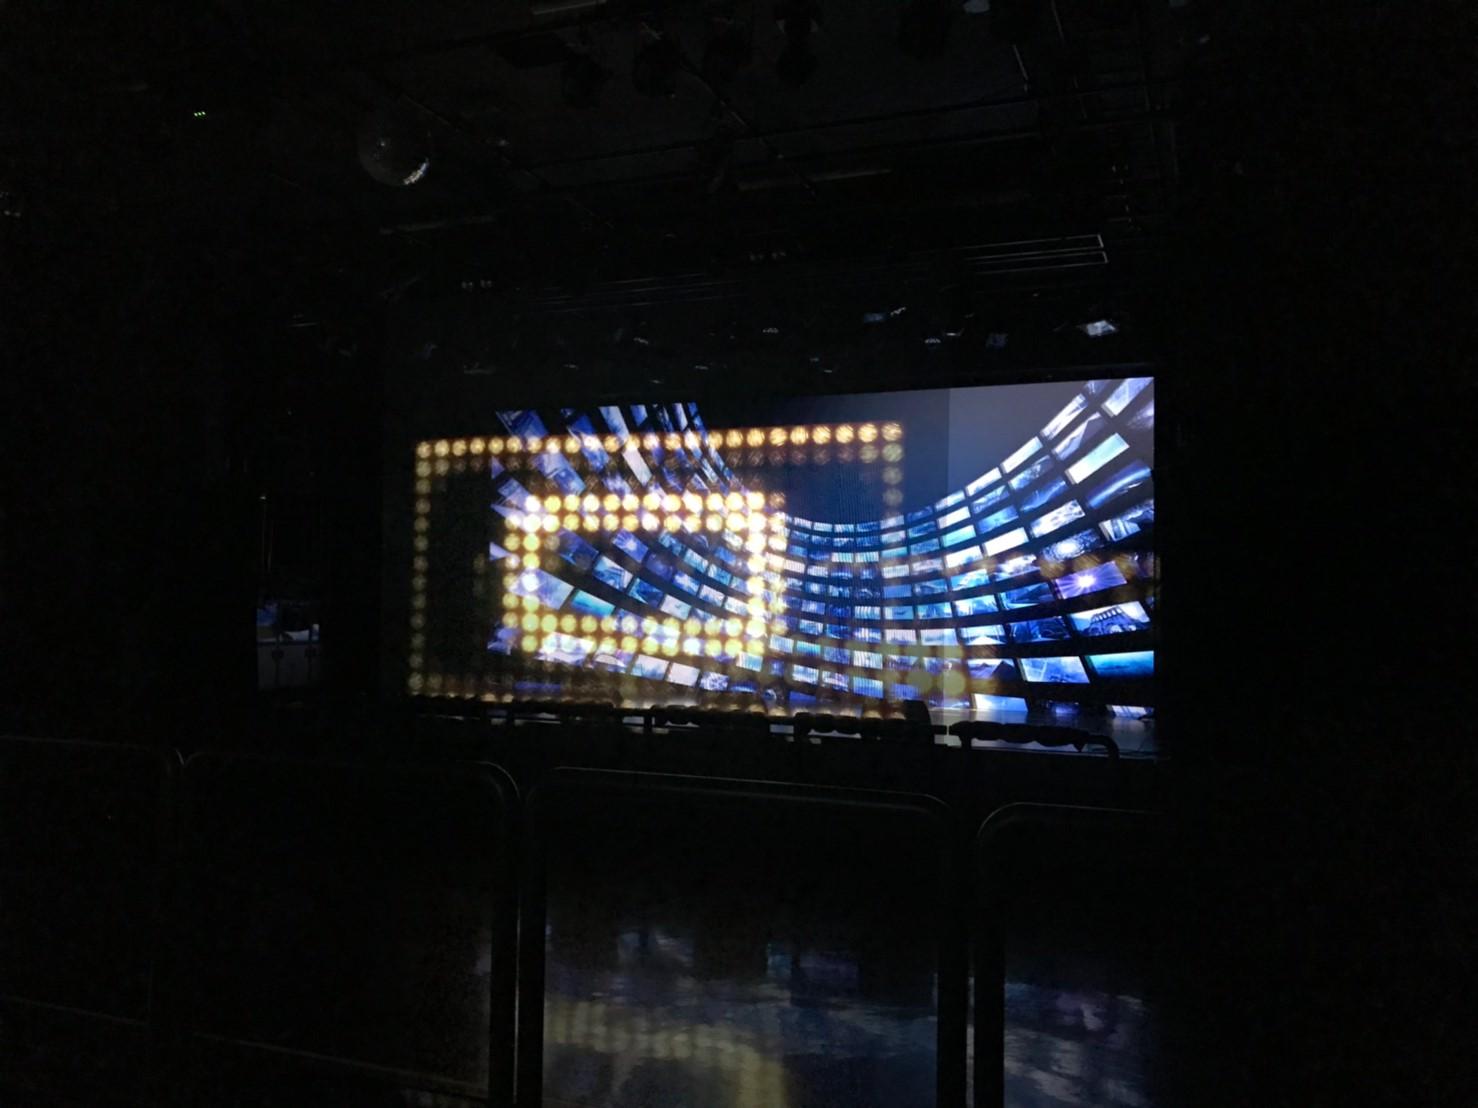 東京でライブハウスが続々オープン! 「未来型ライブ劇場」とは?